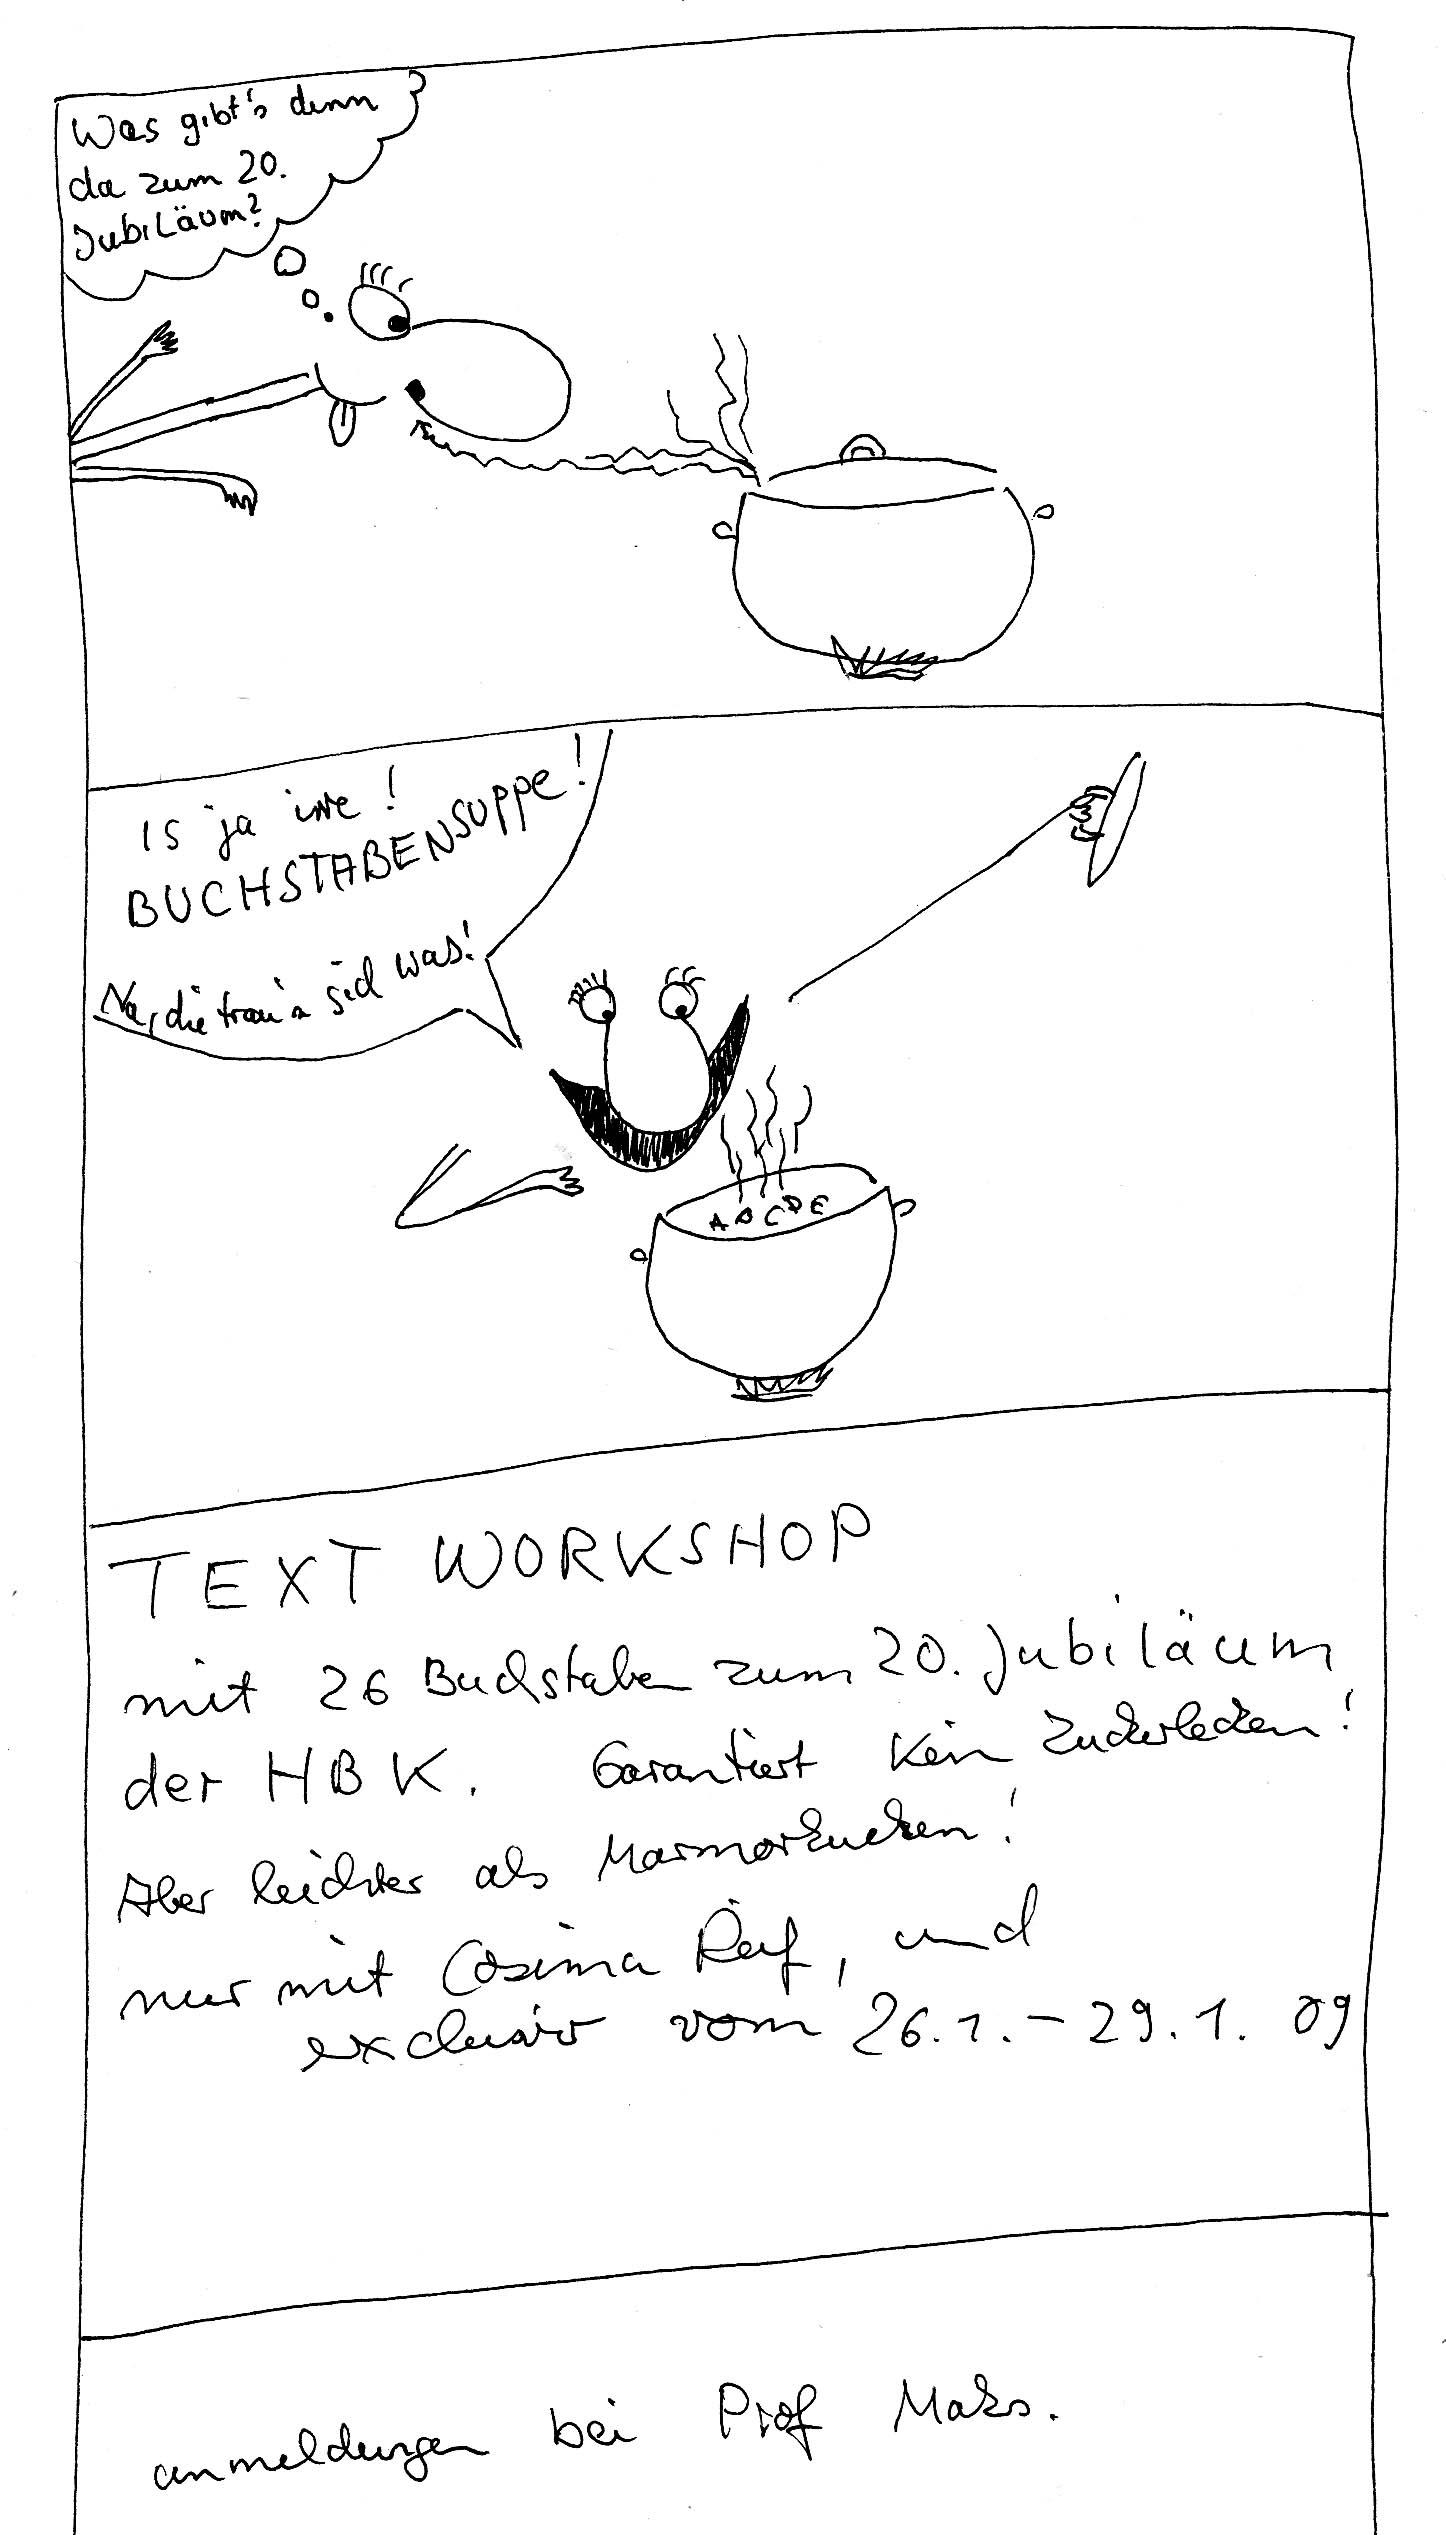 Text-Workshop in Saarbrücken.